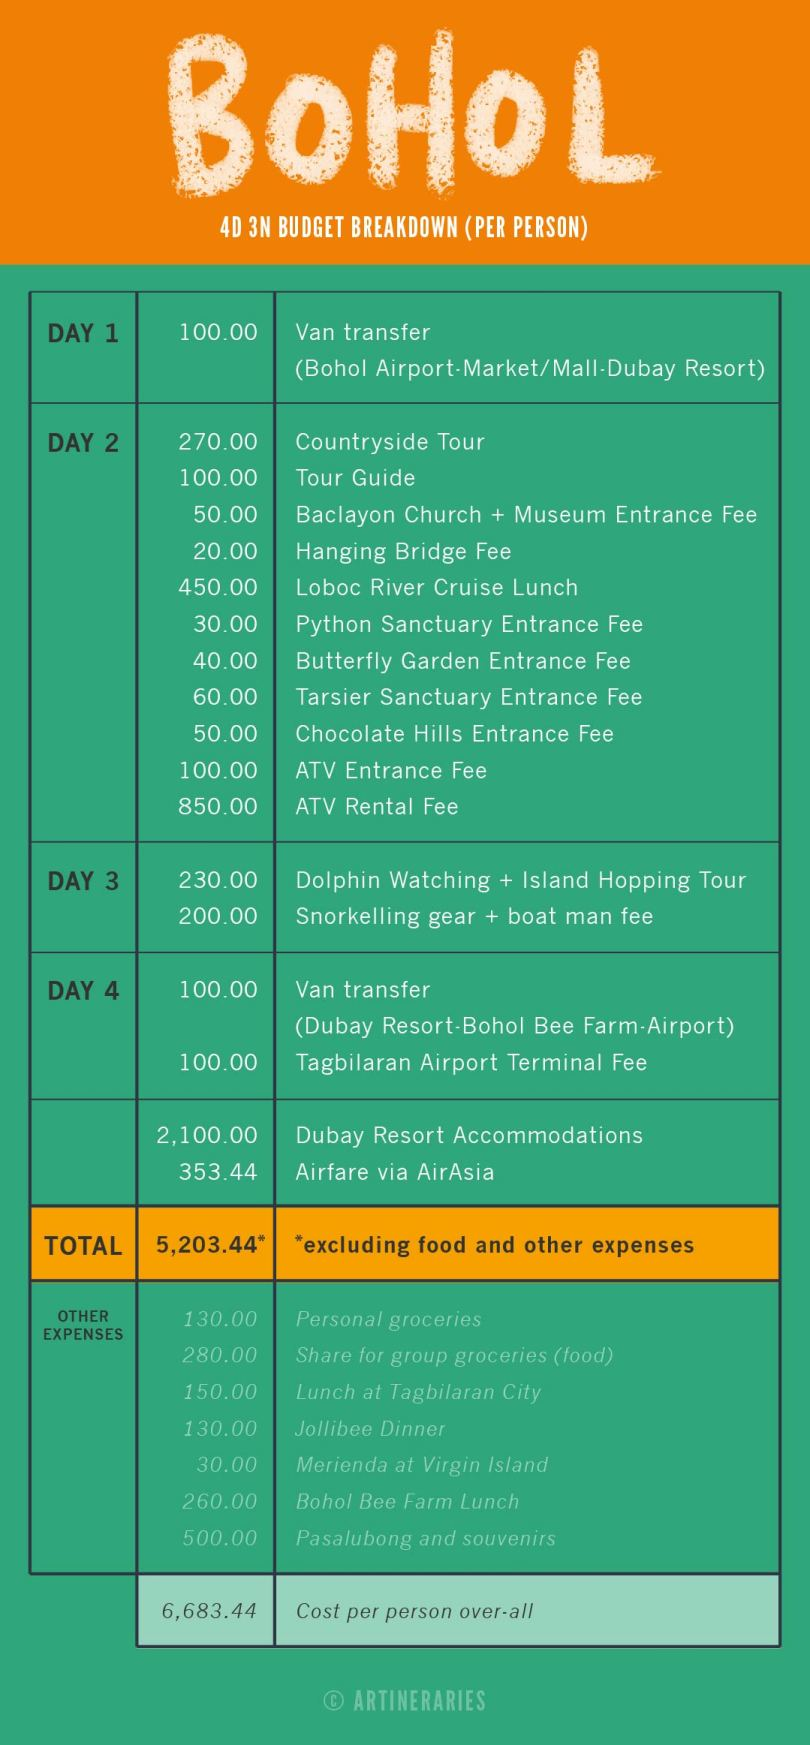 Artineraries - Bohol Budget Breakdown